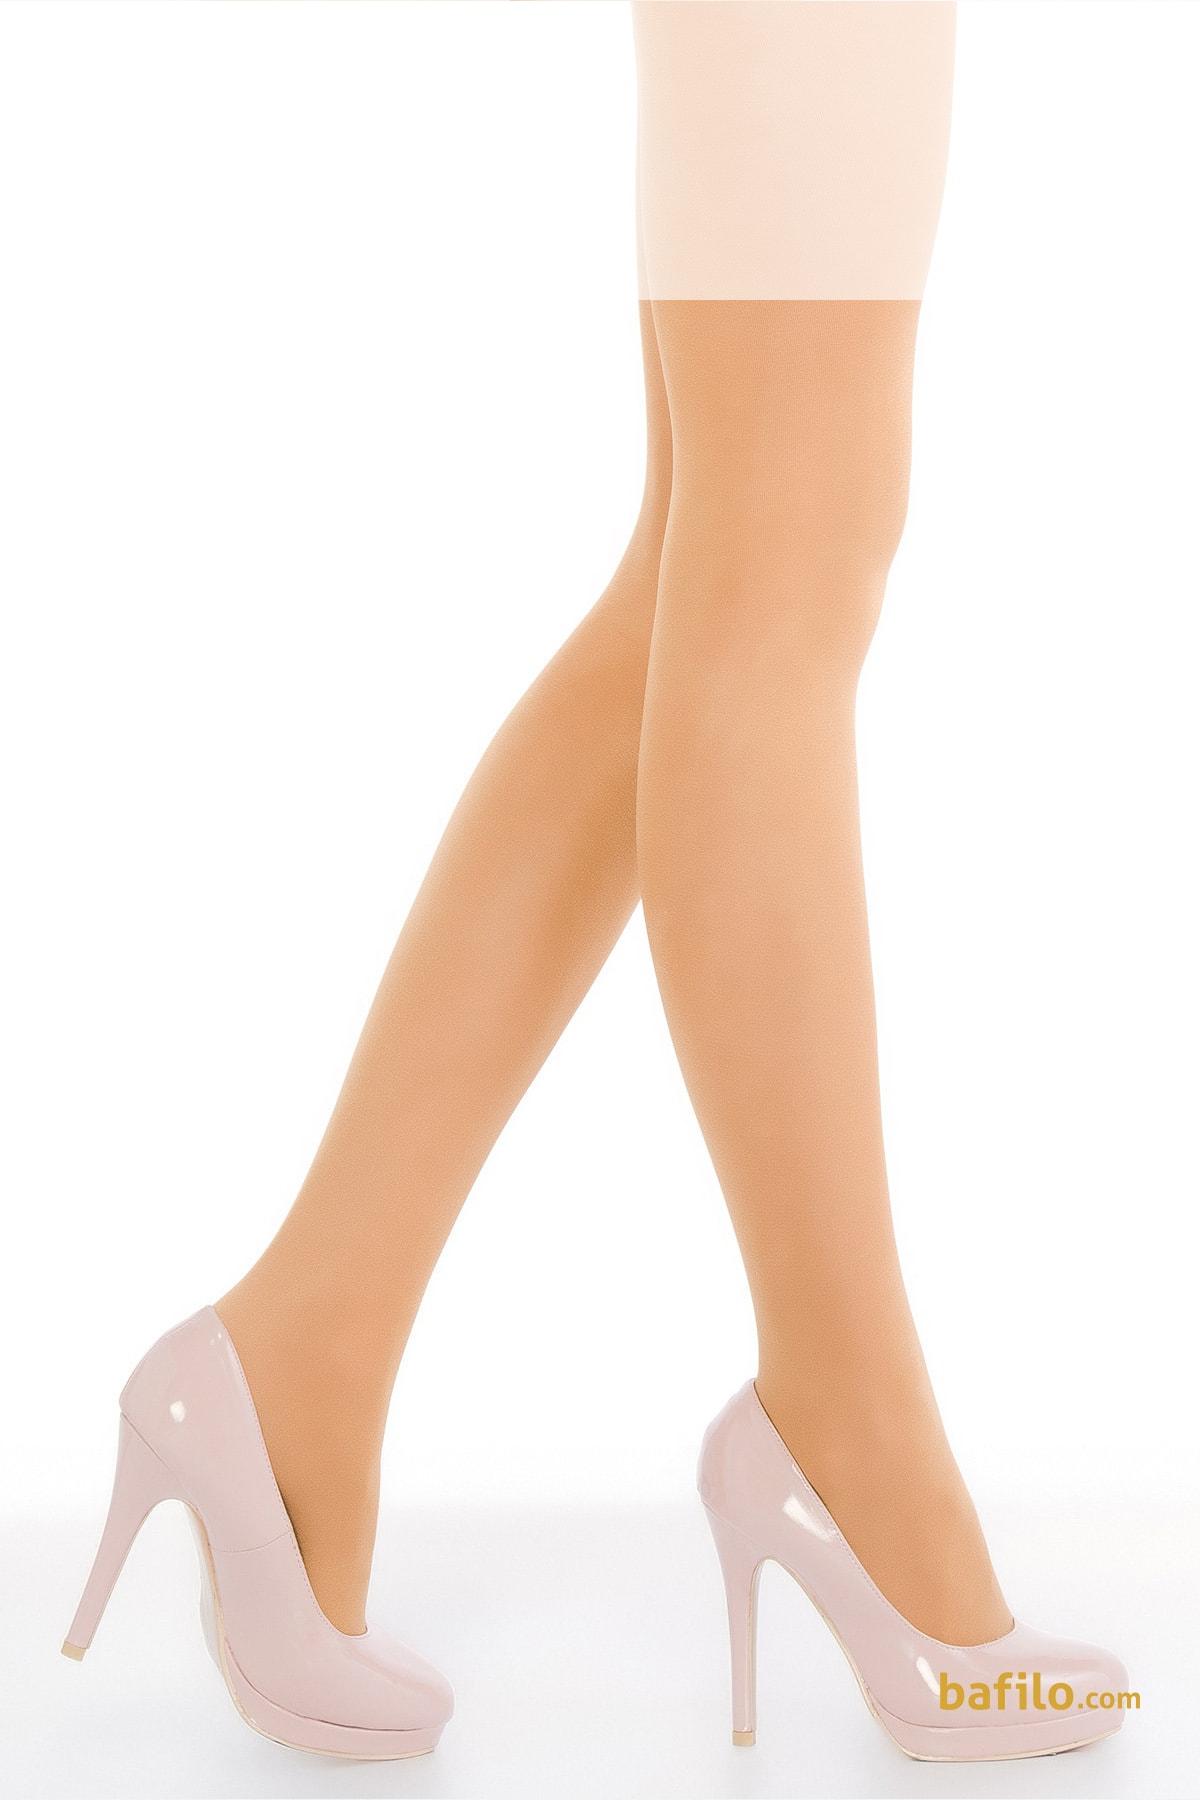 پنتی | Penti - جوراب شلواری زنانه پنتی Mikro 70 رنگ بدن